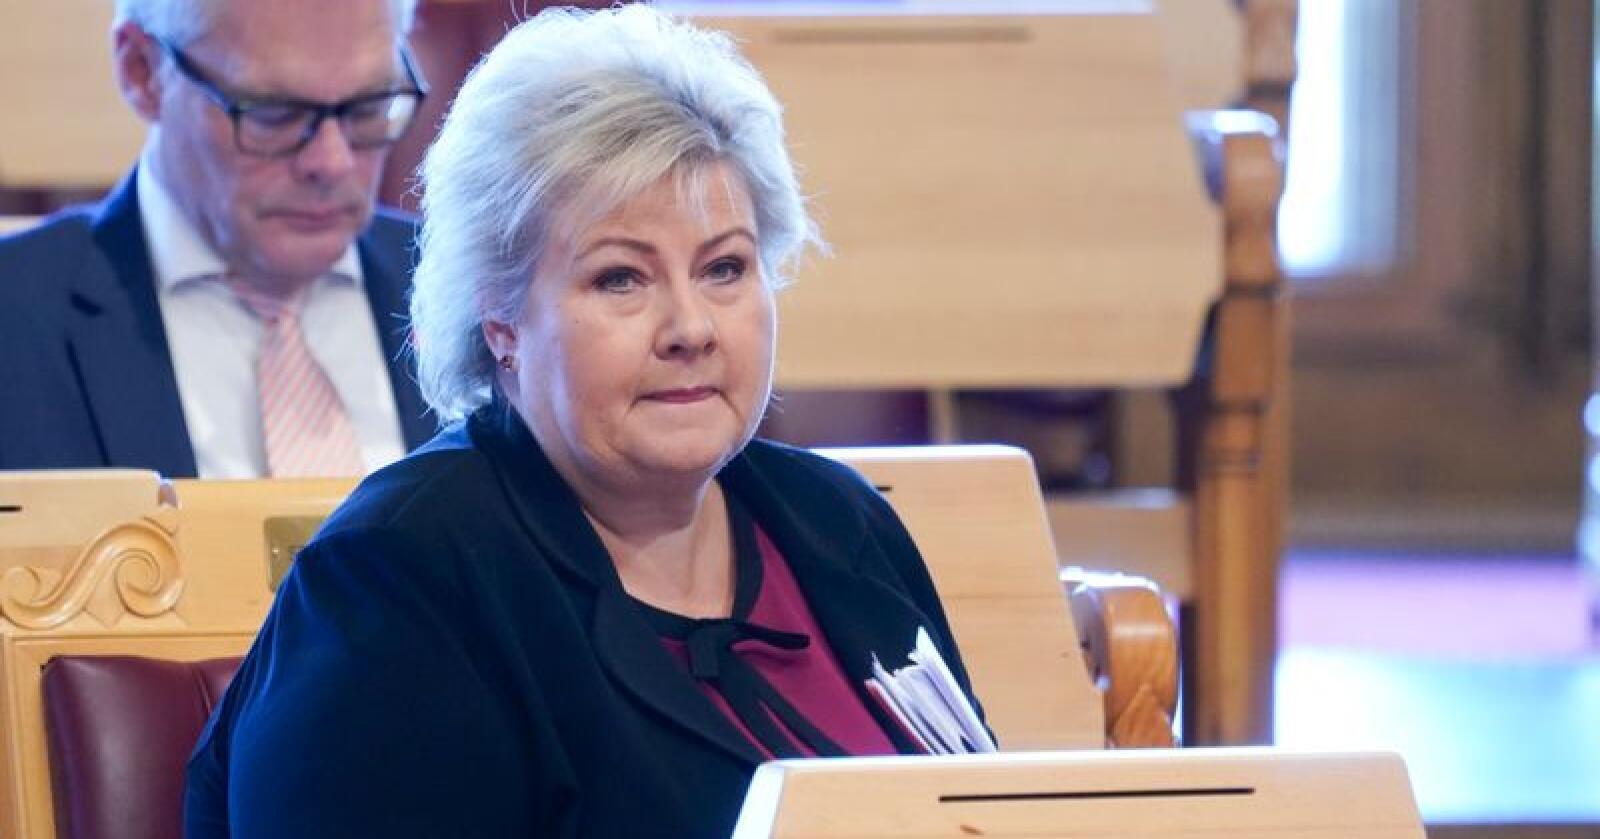 Høyre-leder og statsminister Erna Solberg må registrere at partiet kommer dårlig ut i en ny meningsmåling. Foto: Terje Pedersen / NTB scanpix